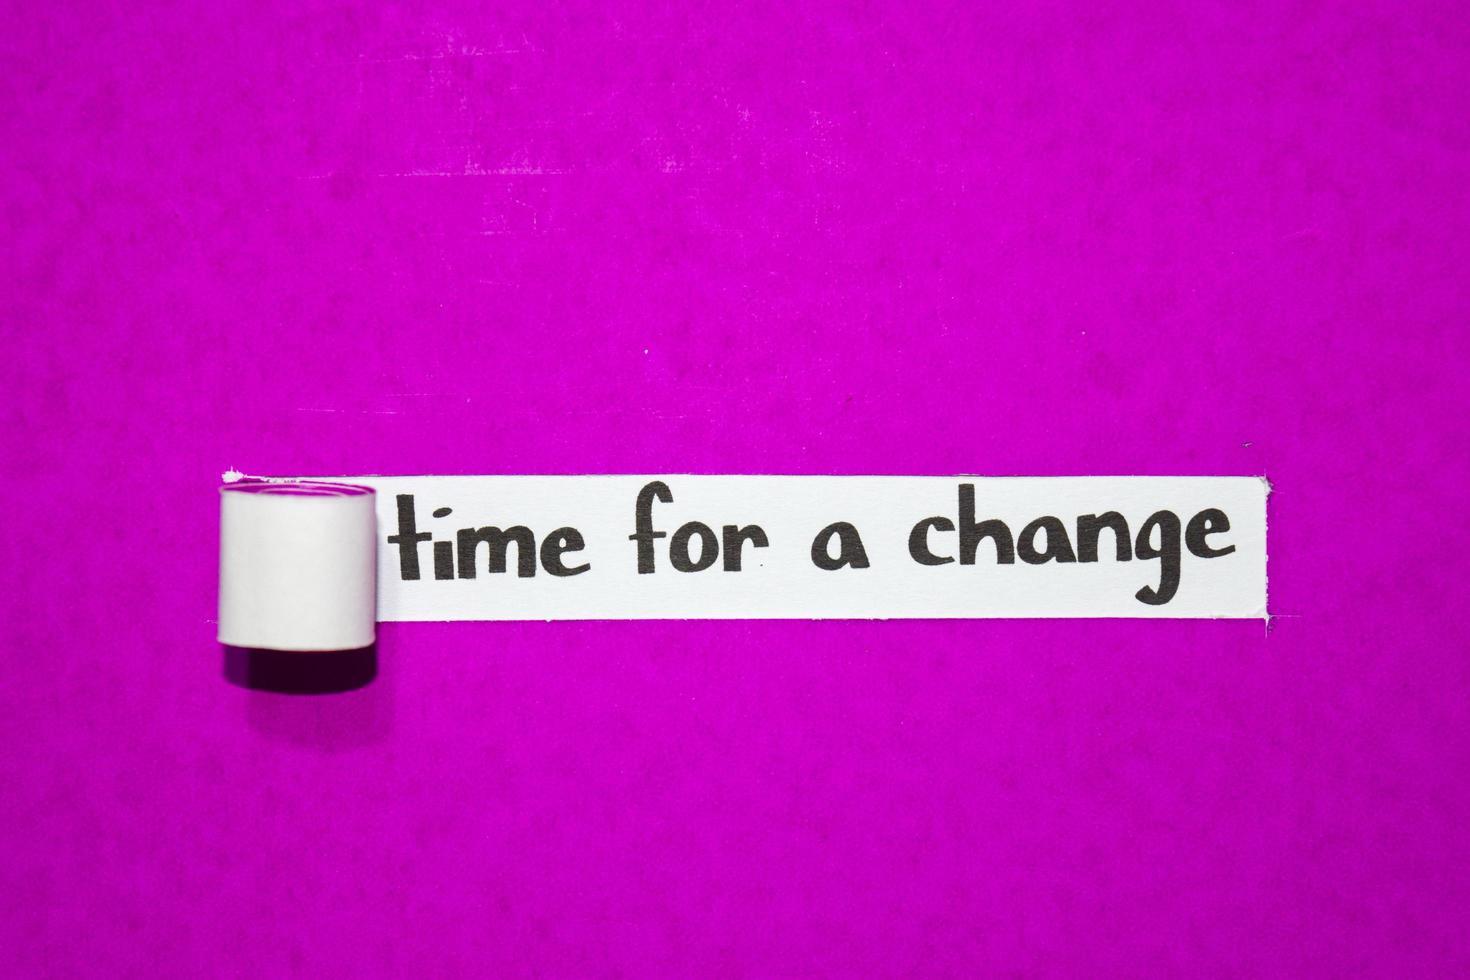 tijd voor een veranderingstekst, inspiratie, motivatie en bedrijfsconcept op paars gescheurd papier foto